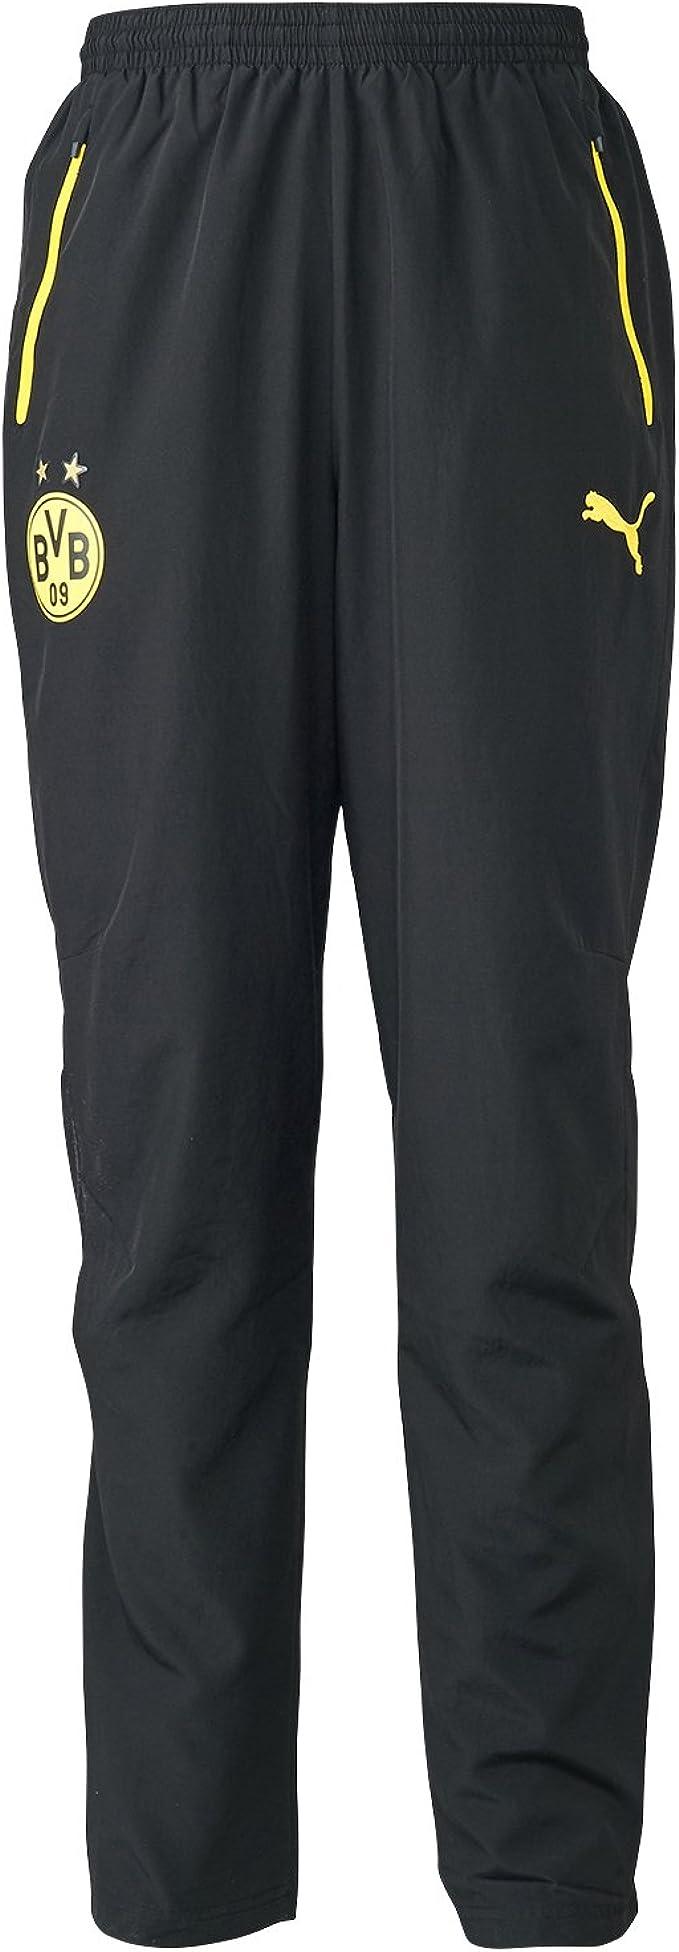 PUMA BVB Leisure Pantalones, Hombre: Amazon.es: Ropa y accesorios